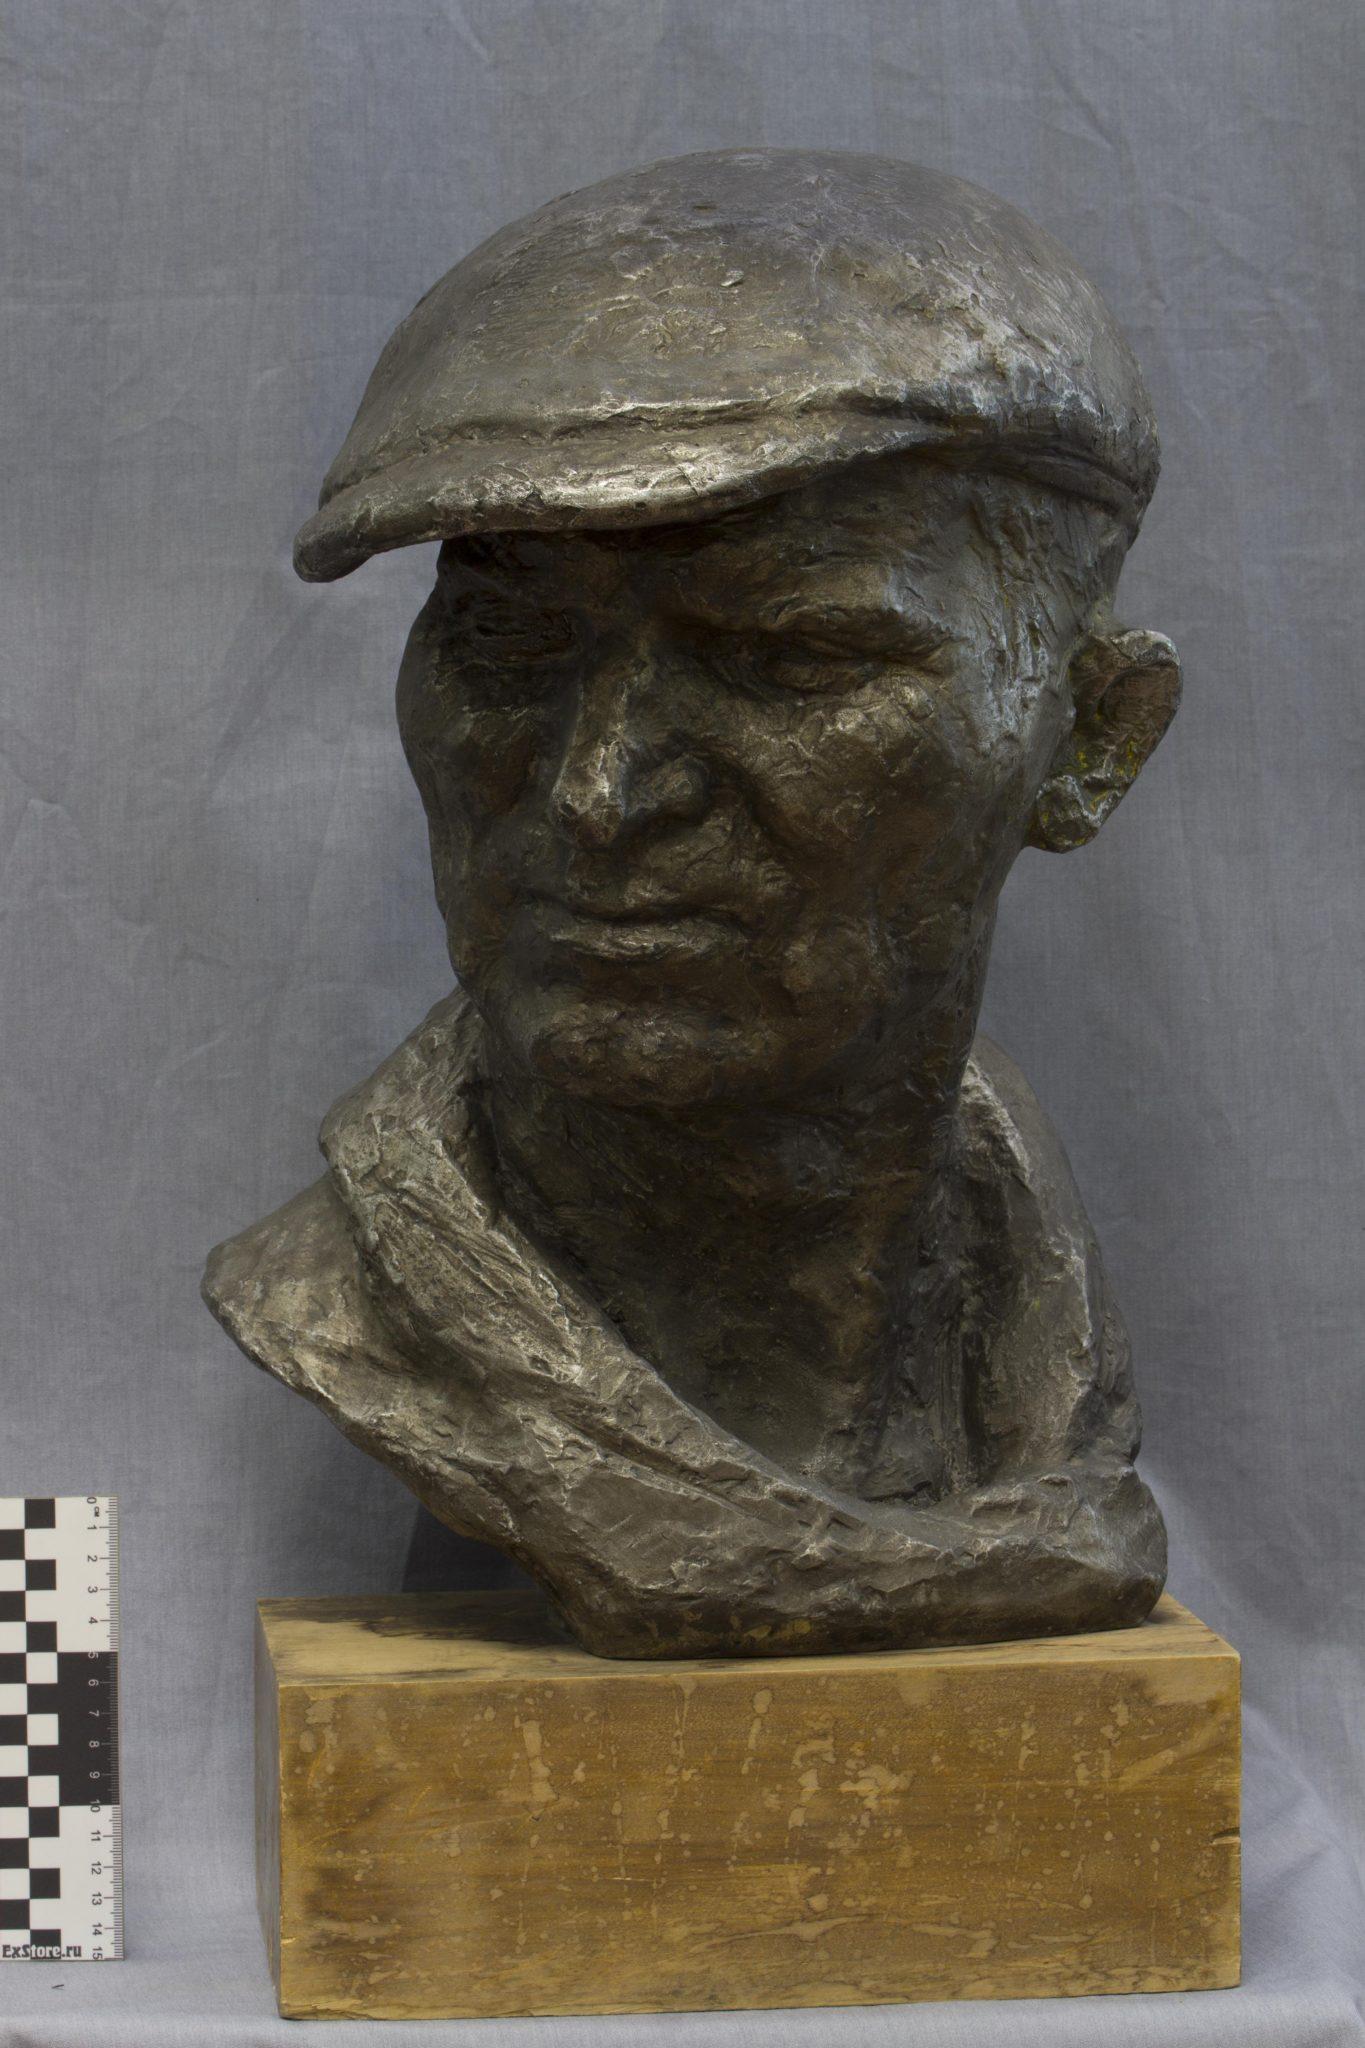 АОКМ КП – 18205 Моряк Арктического флота, Герой Социалистического труда П.И. Вавилов В.А. Михалев 1963 г.